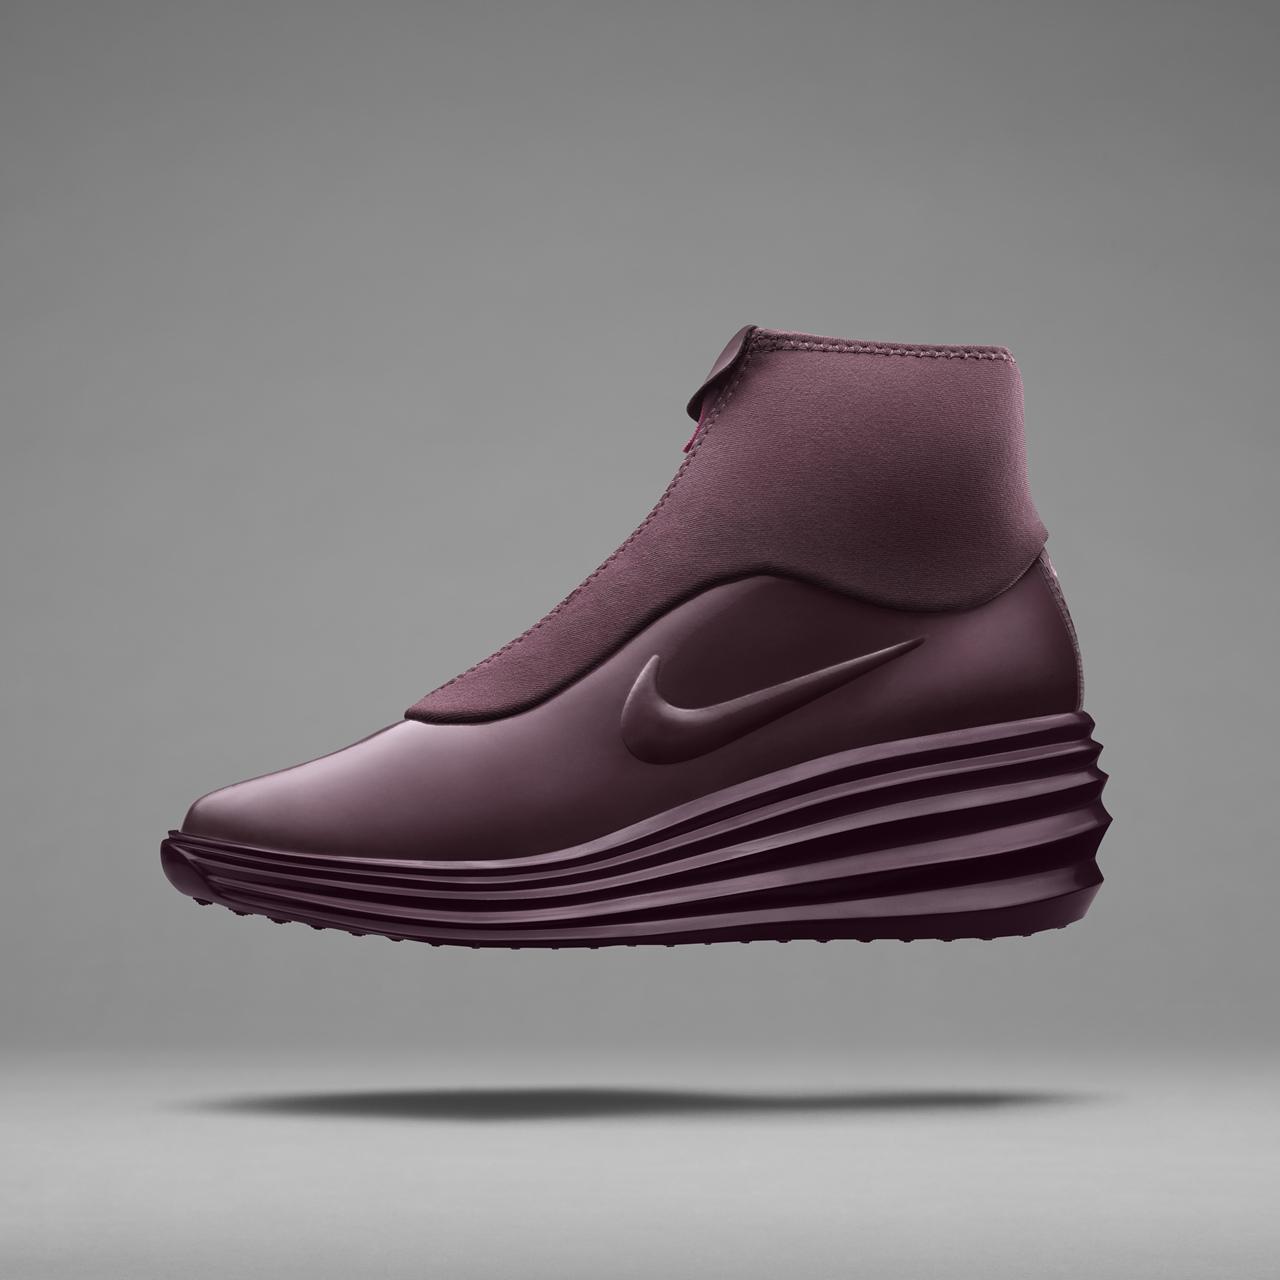 Nike LunarElite Sky Hi Sneakerboot